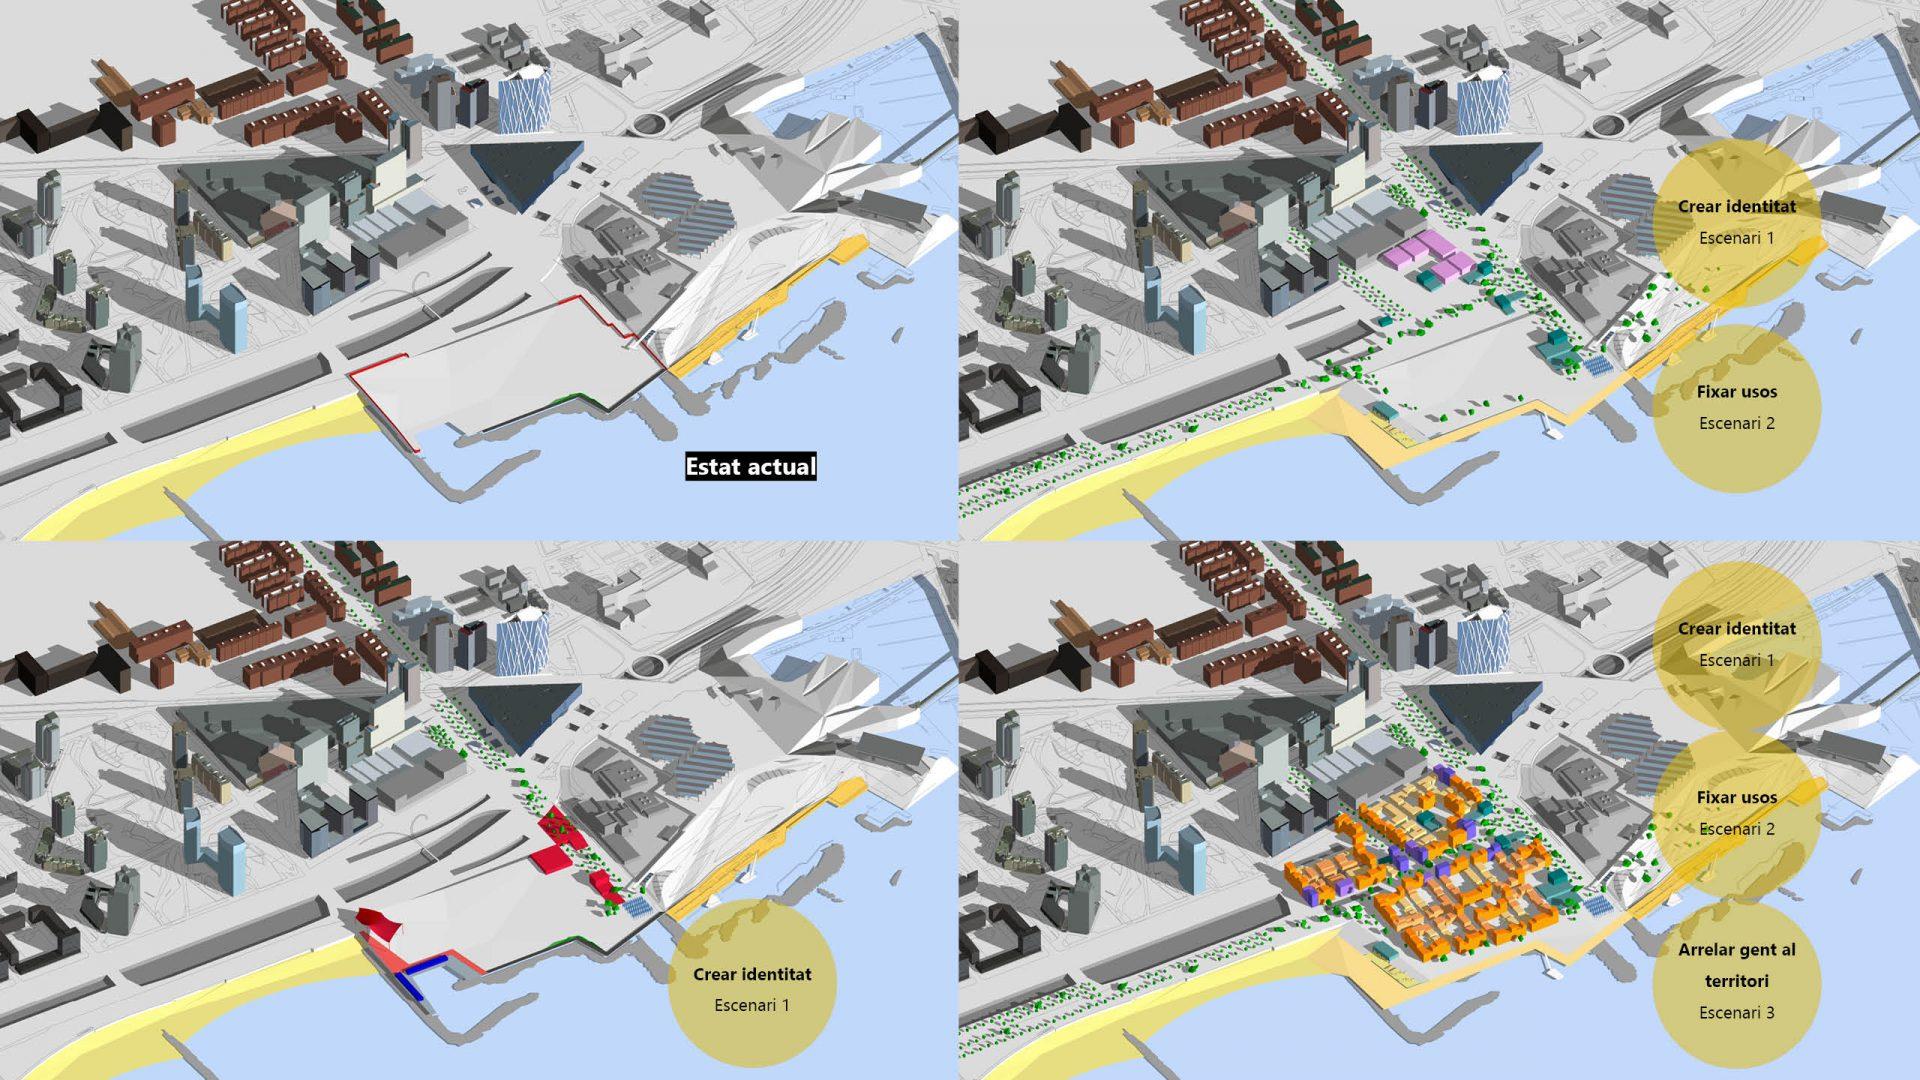 Vistes axonomètriques de l'estat actual i les tres escenaris proposats.